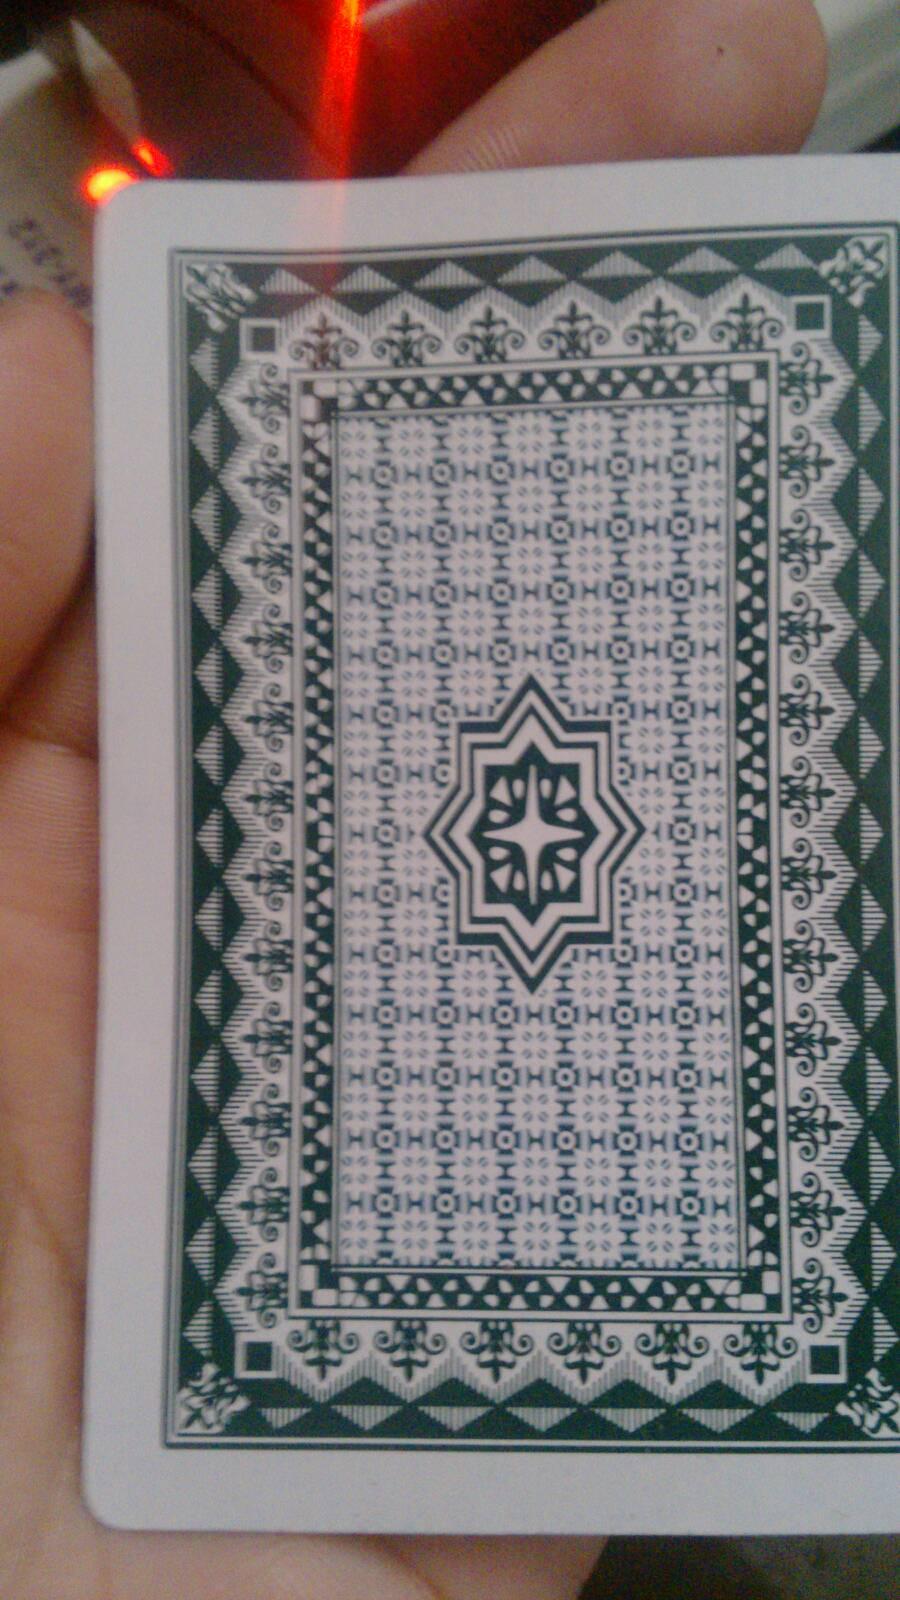 普通�y�by��(K�_求哪位大神能告诉我普通的双k扑克牌怎么在背面认牌?有没有暗号求解